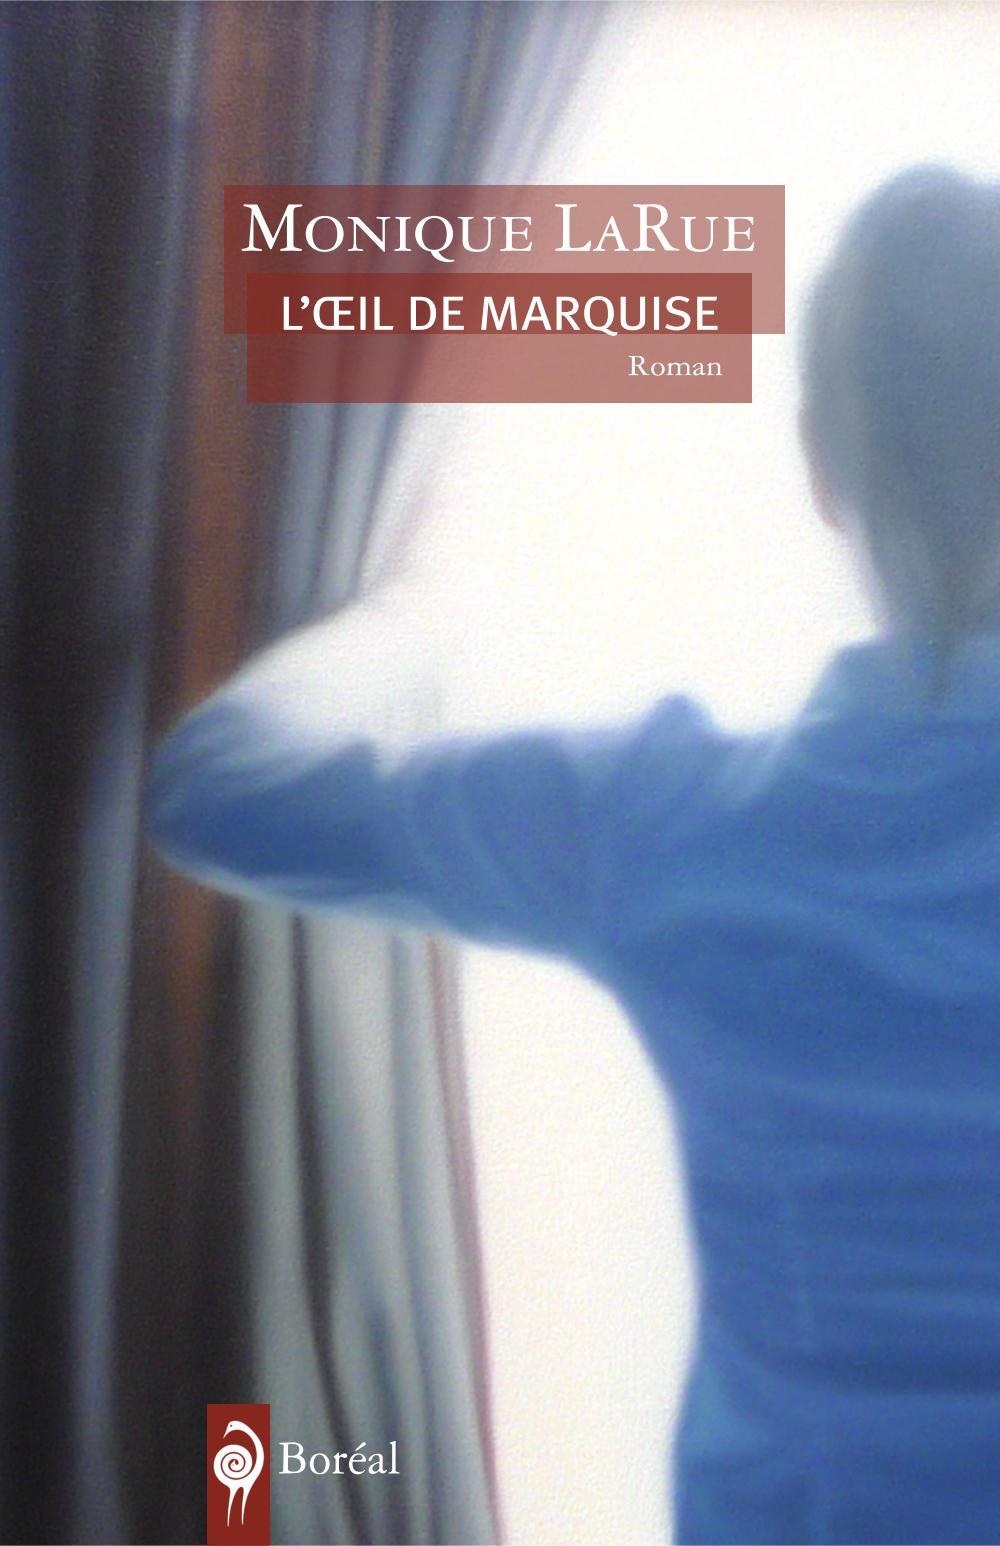 L'Oeil de Marquise